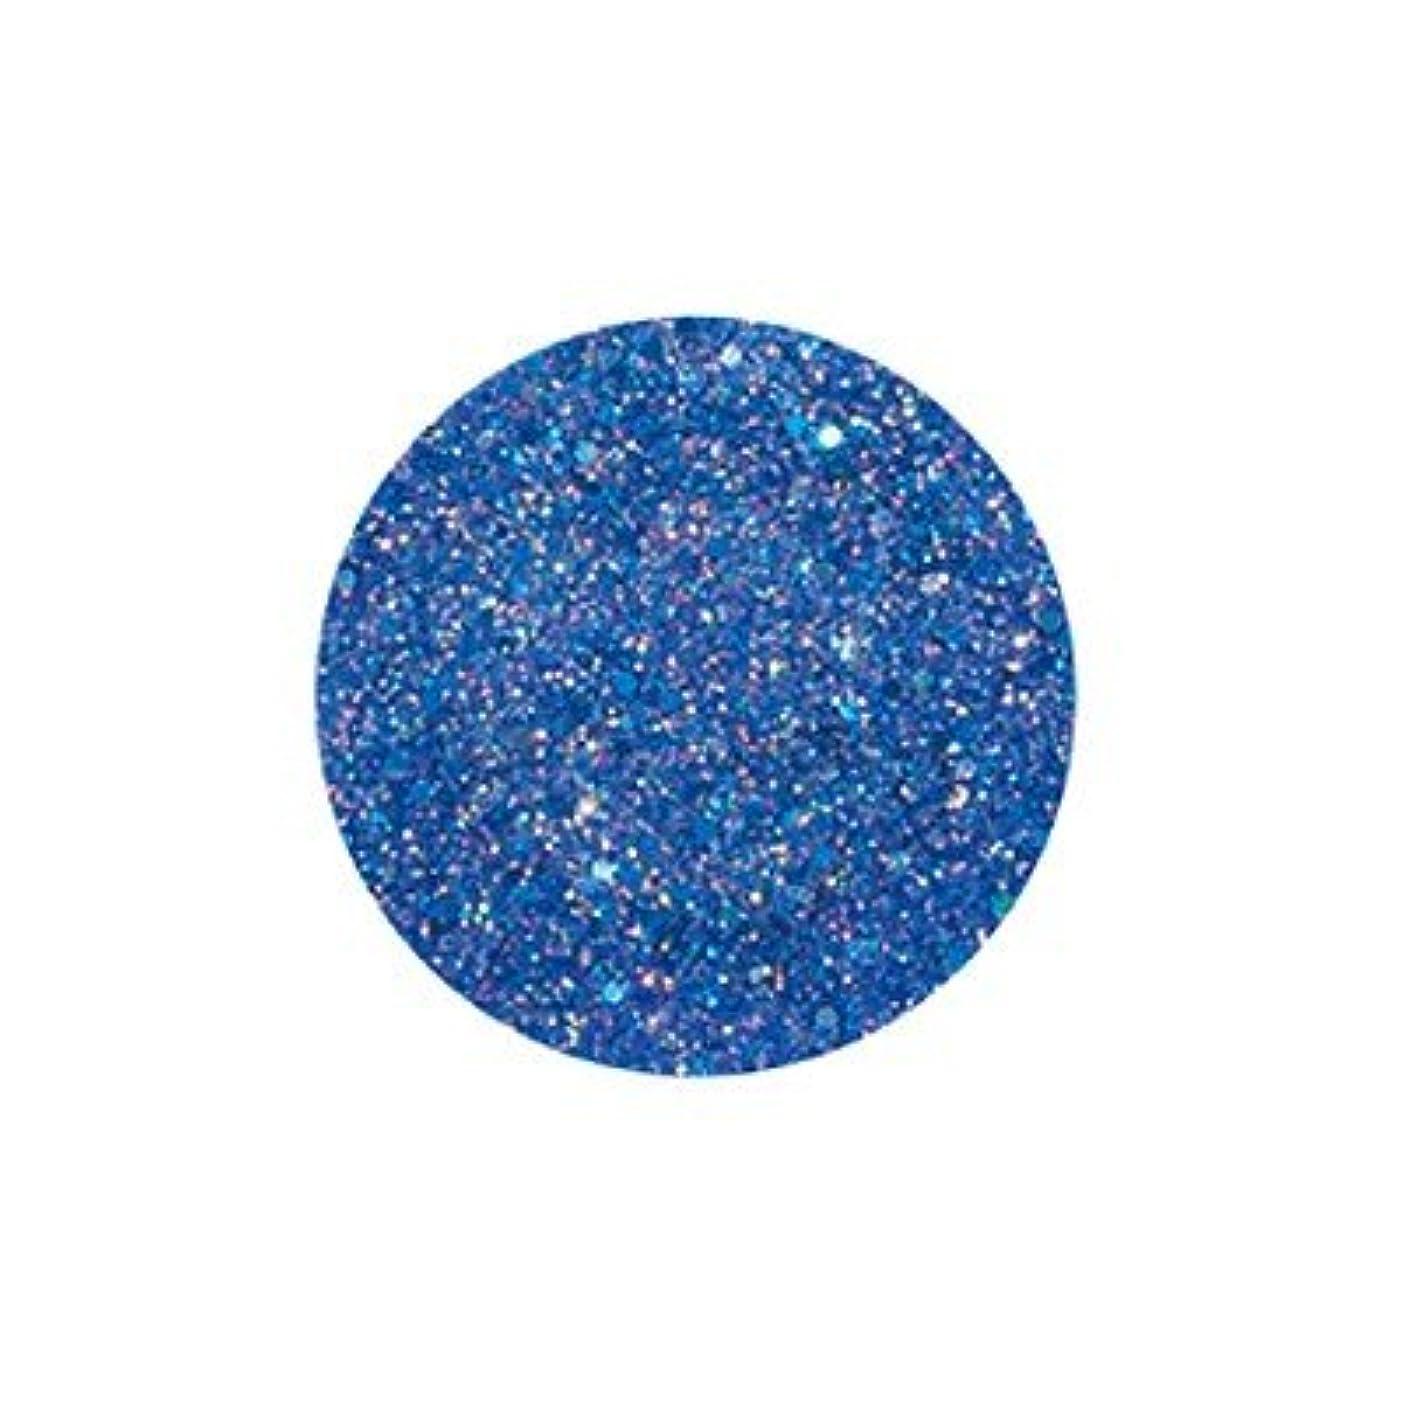 FANTASY NAIL ダイヤモンドコレクション 3g 4263XS カラーパウダー アート材